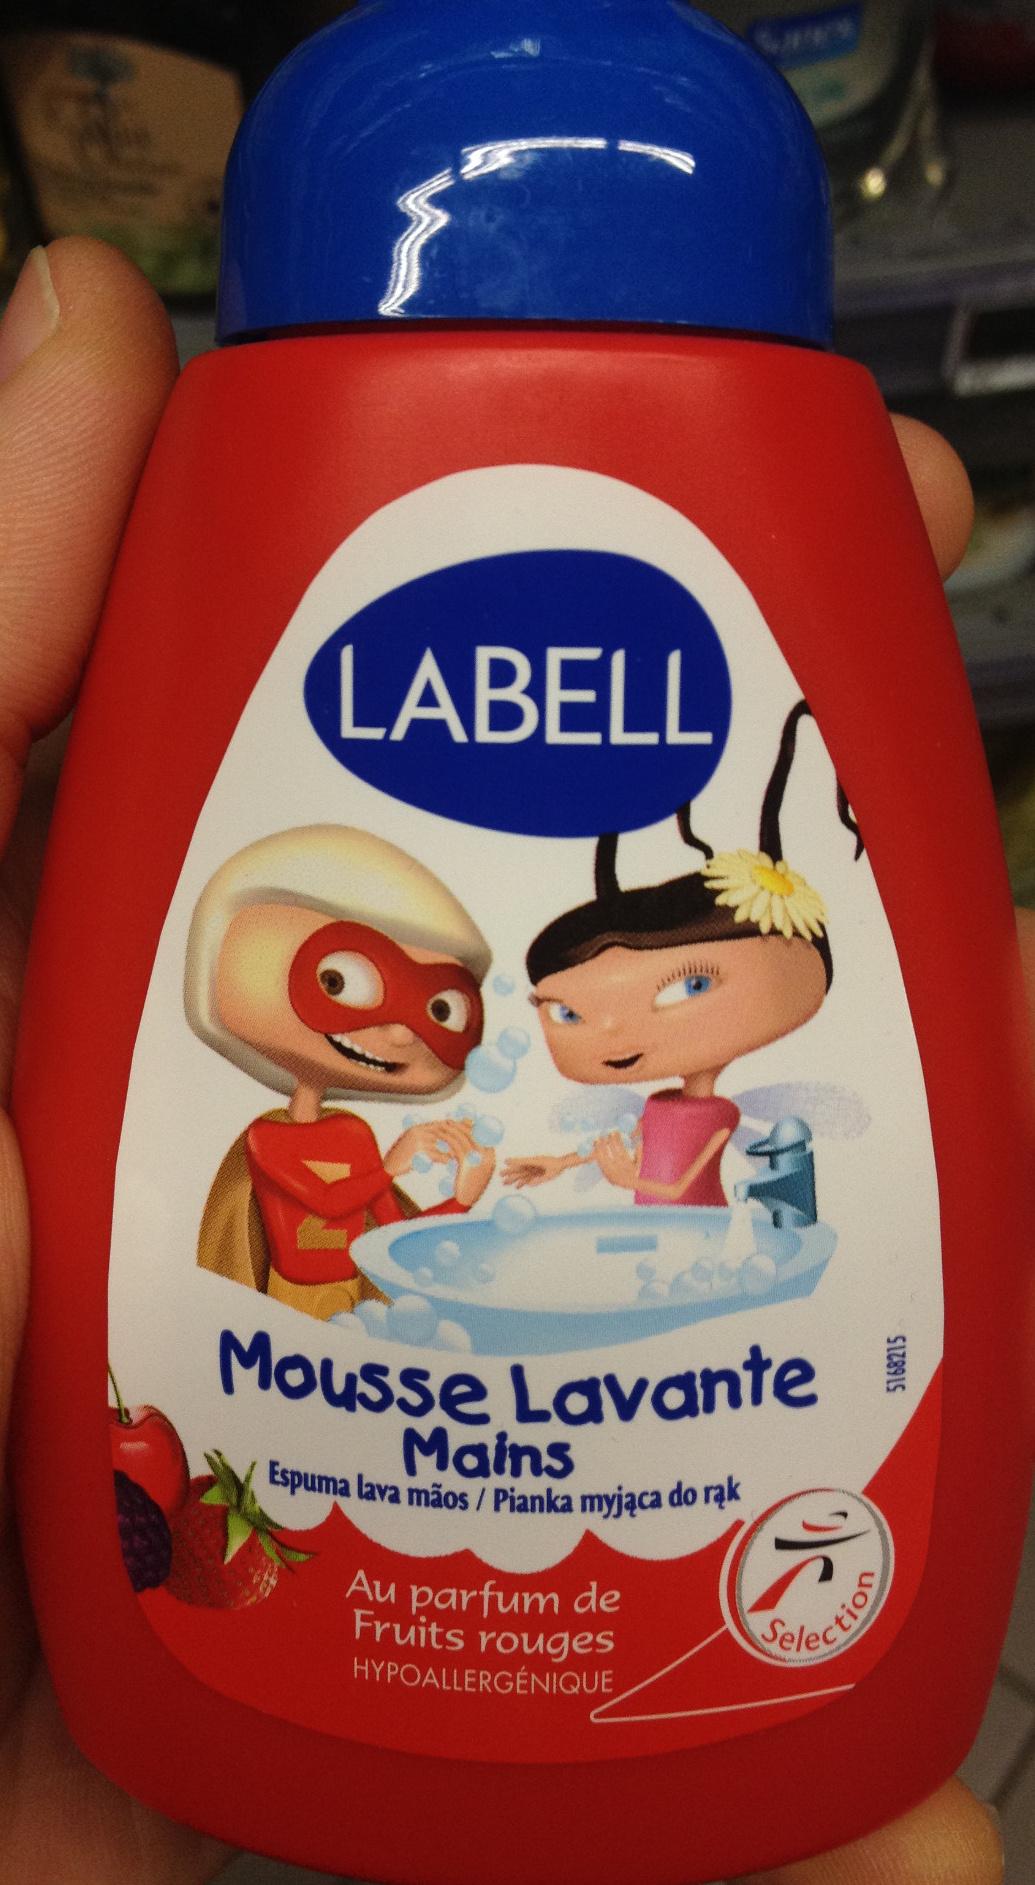 Mousse lavante mains aux parfums de fruits rouges - Produit